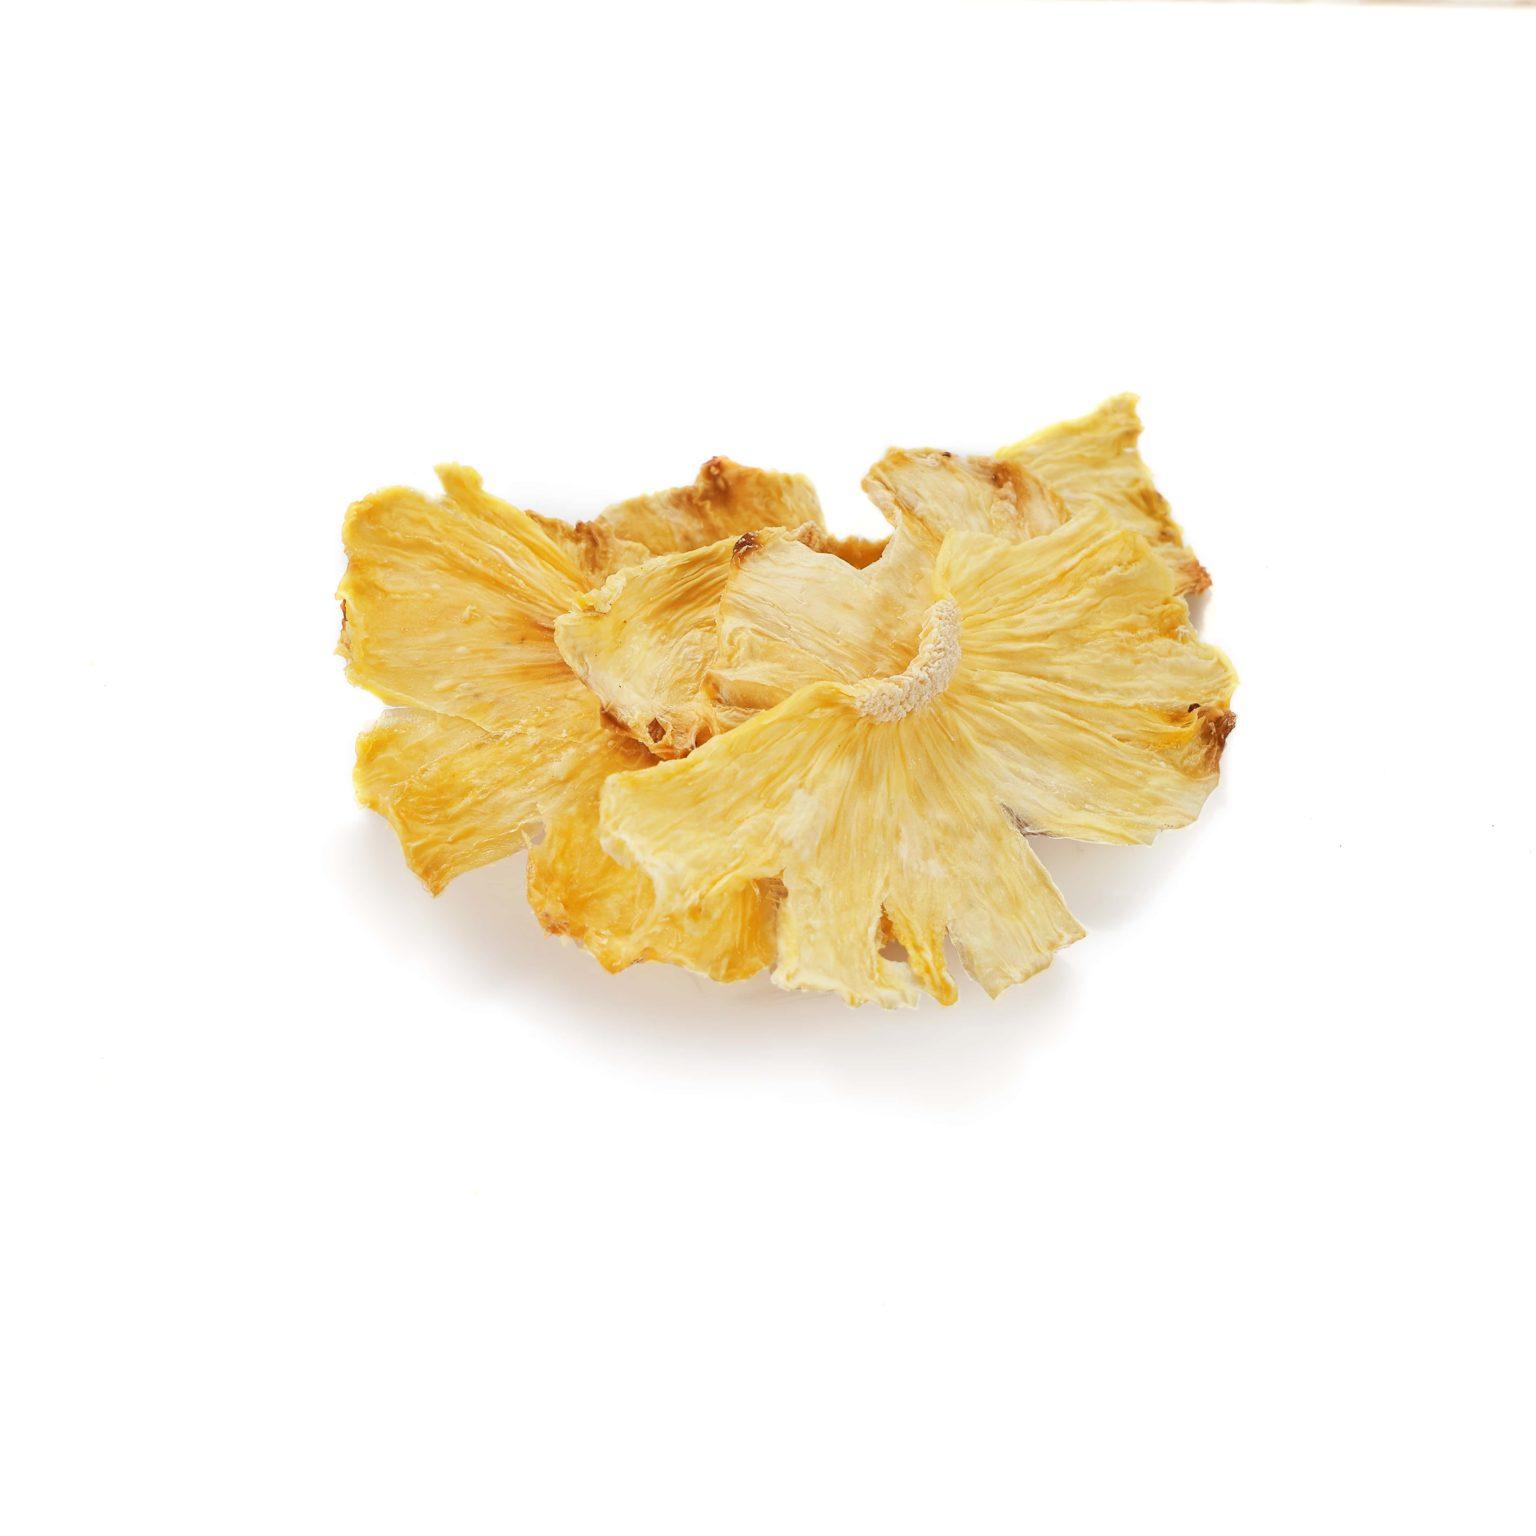 Фруктовые чипсы — Ананас - фото 2